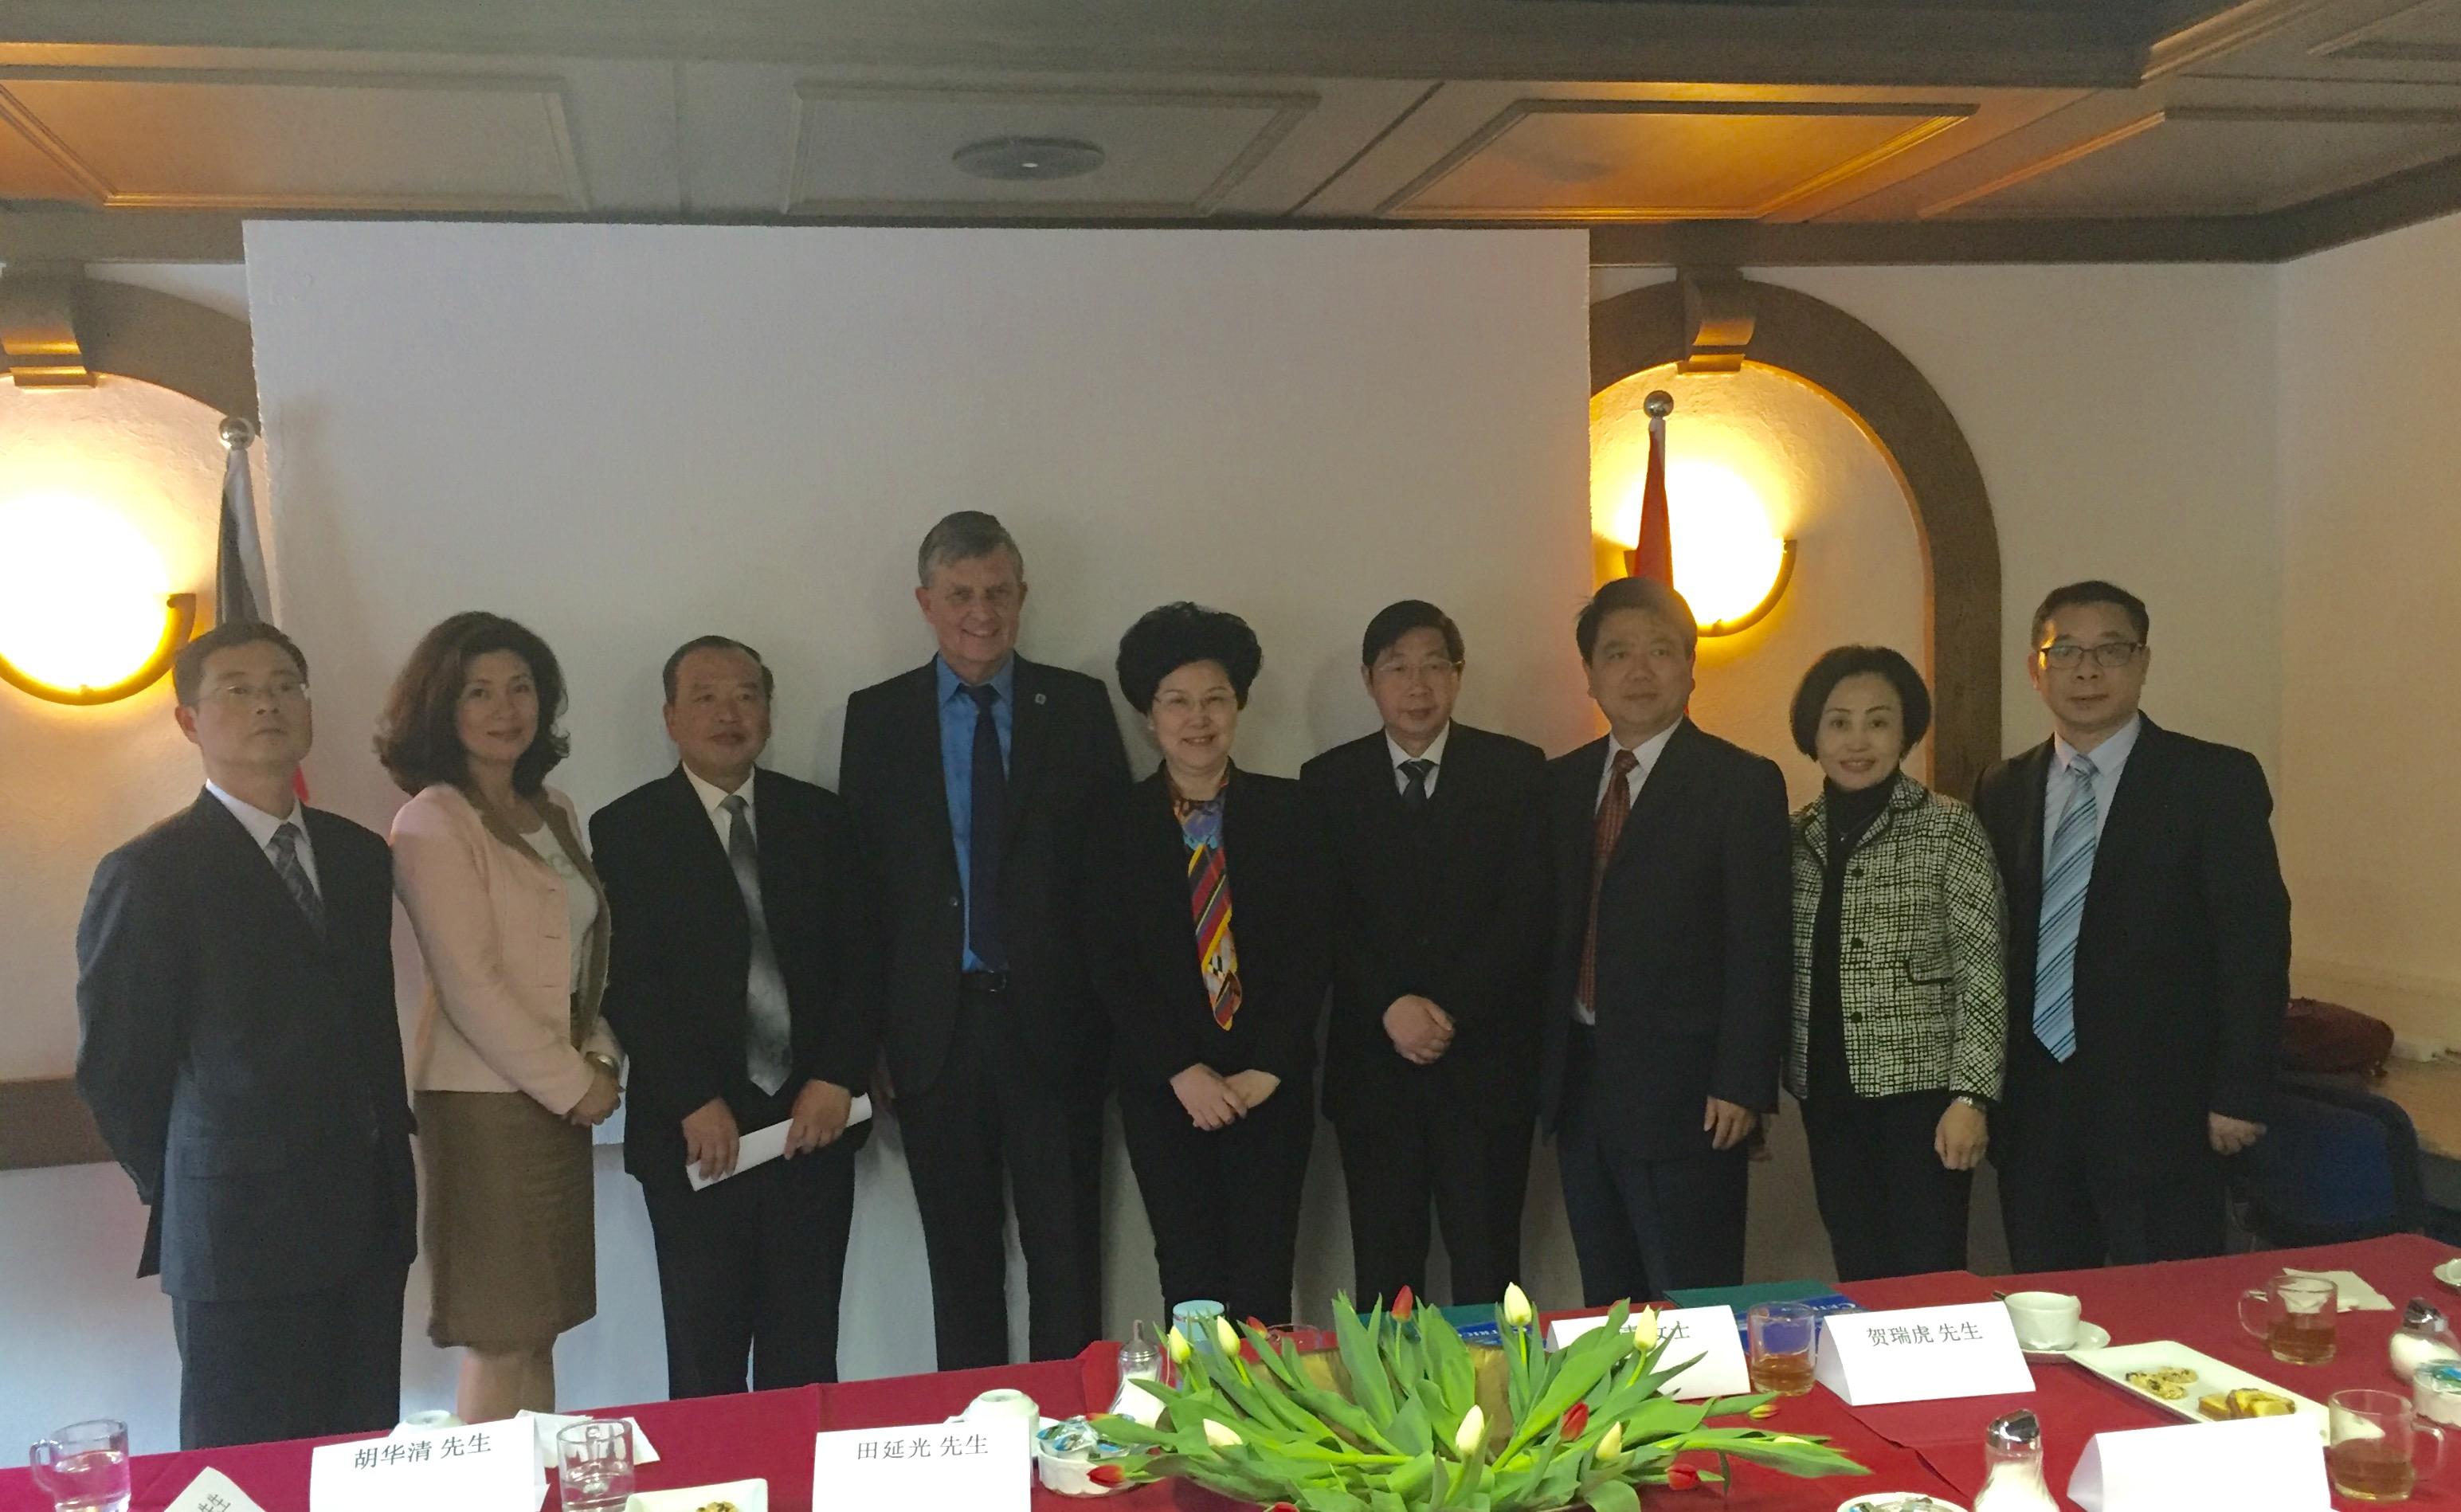 Provinz Jiangxi Bildung Heißt Zukunft Deutsch Chinesische